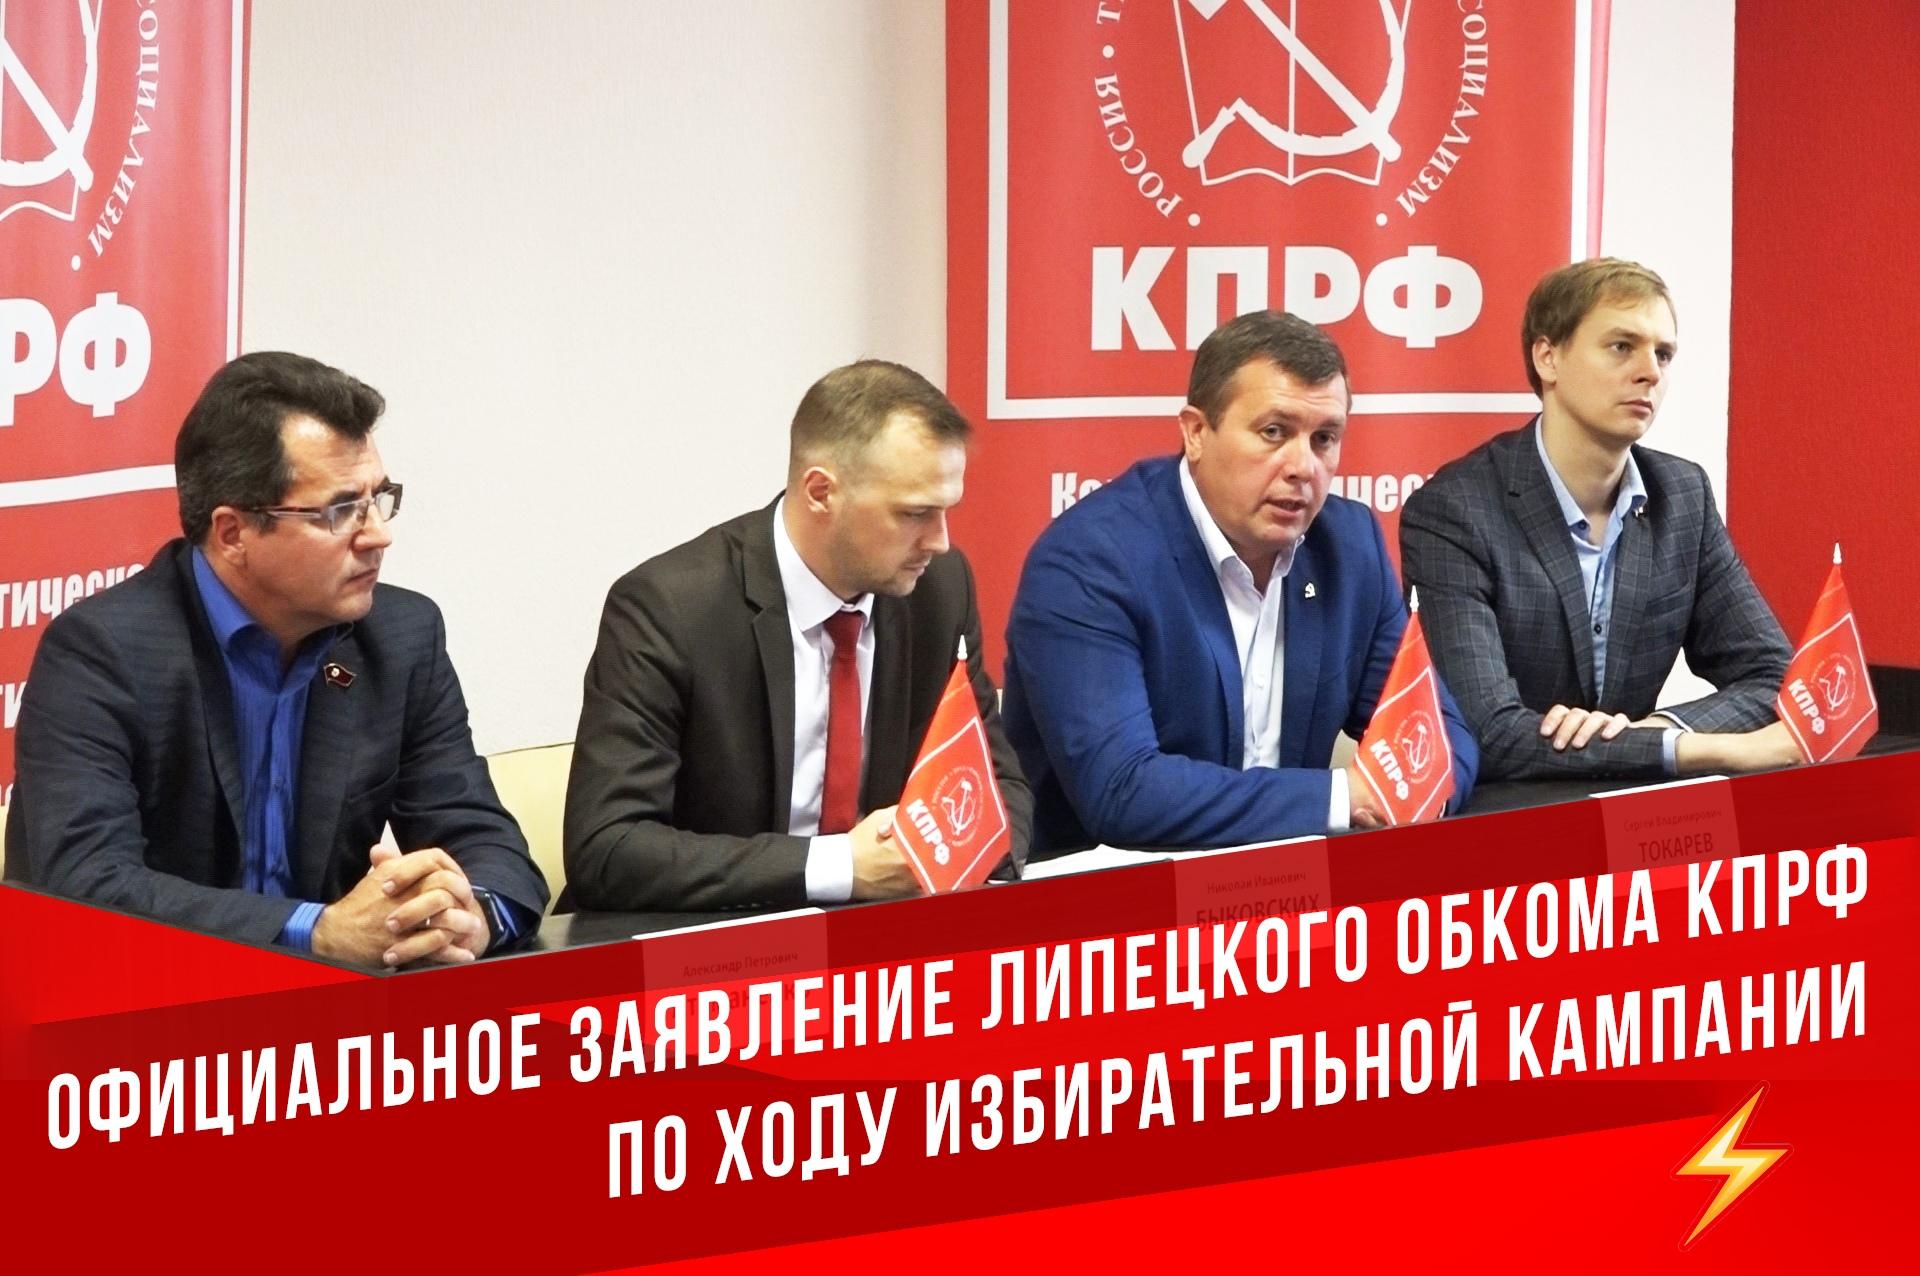 Официальное заявление Липецкого обкома КПРФ по ходу избирательной кампании в регионе.